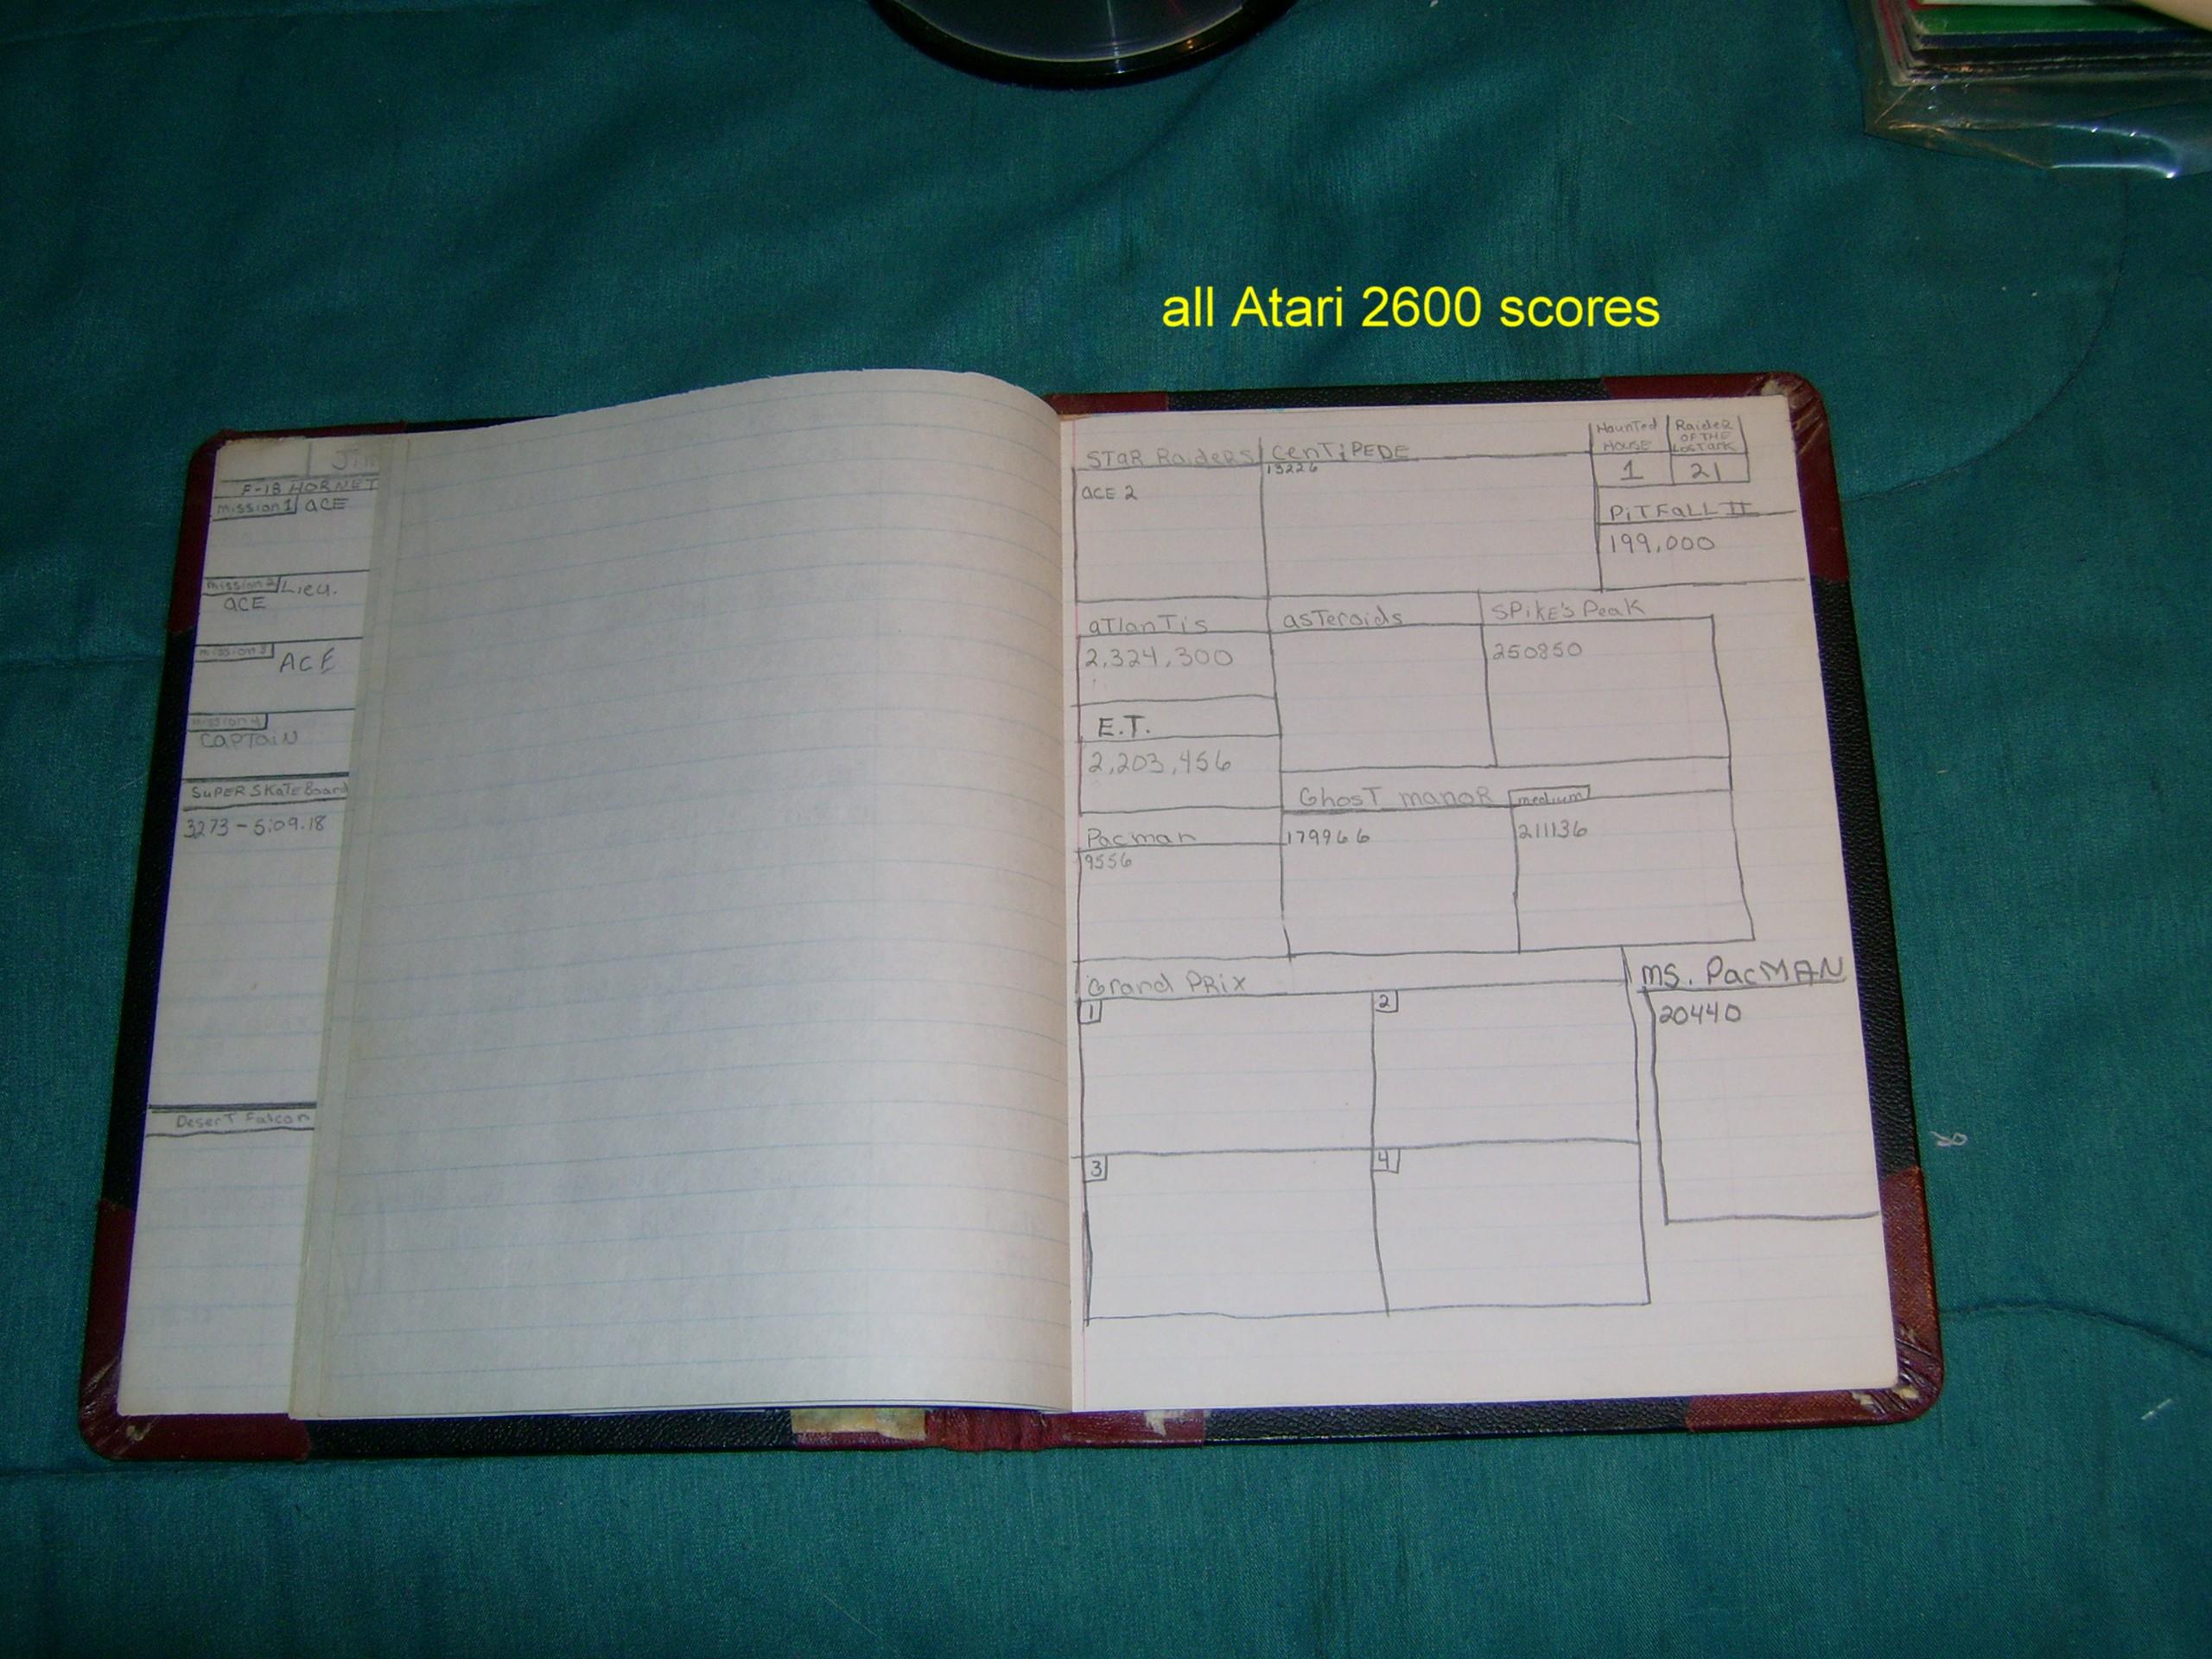 713687657_4vgatariscorebook2600scores_122_408lo.jpg